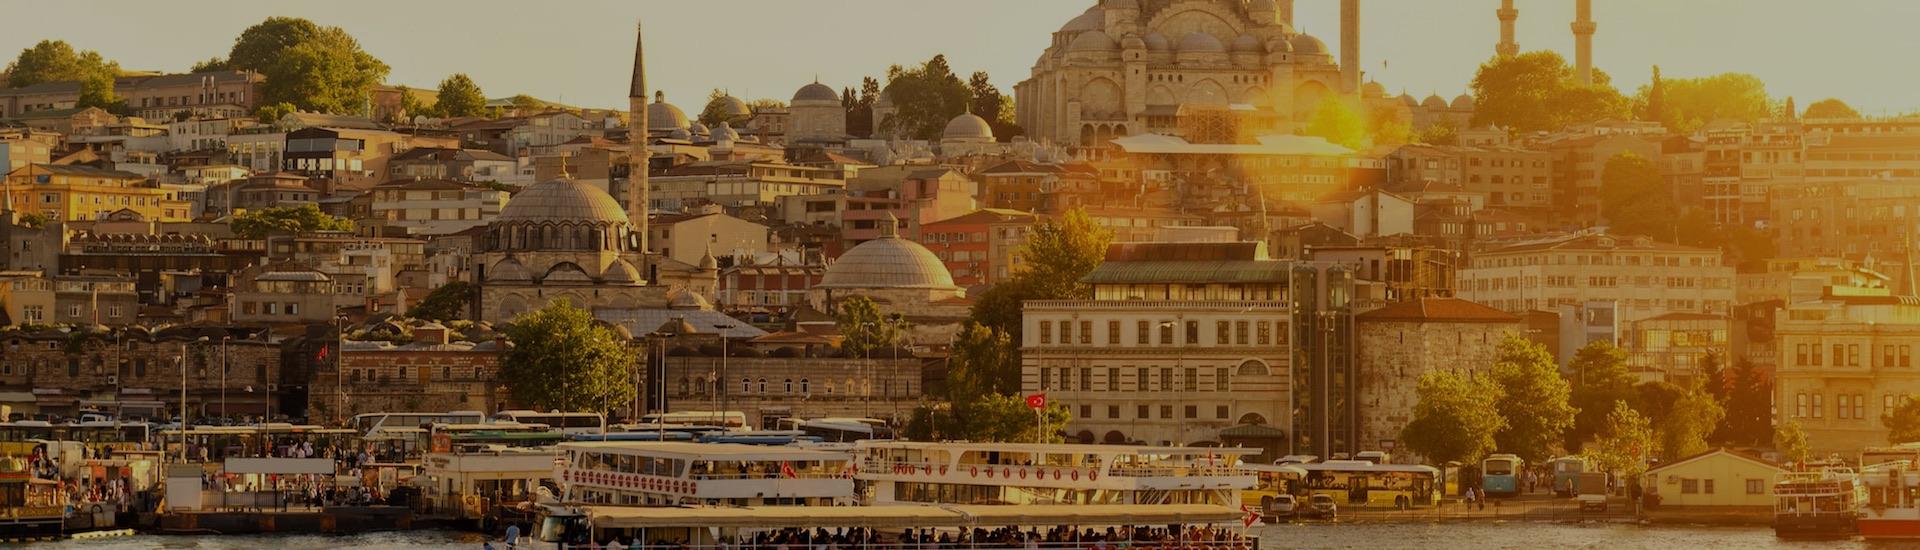 Hostels in Turkey